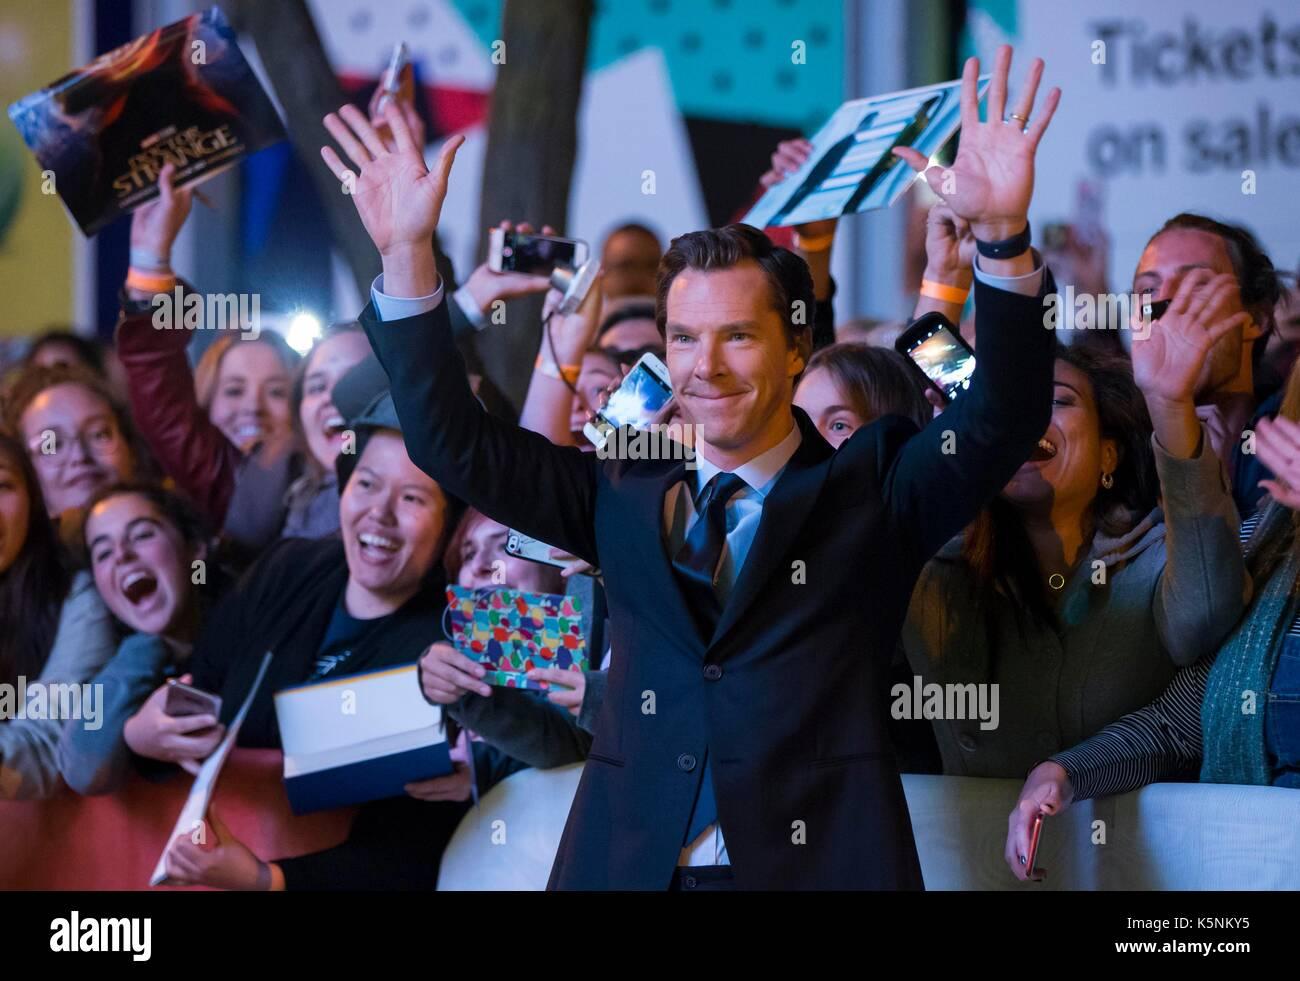 Toronto, Canadá. 9 sep, 2017. El actor benedict cumberbatch (delantero), posa para las fotos con los aficionados Foto de stock